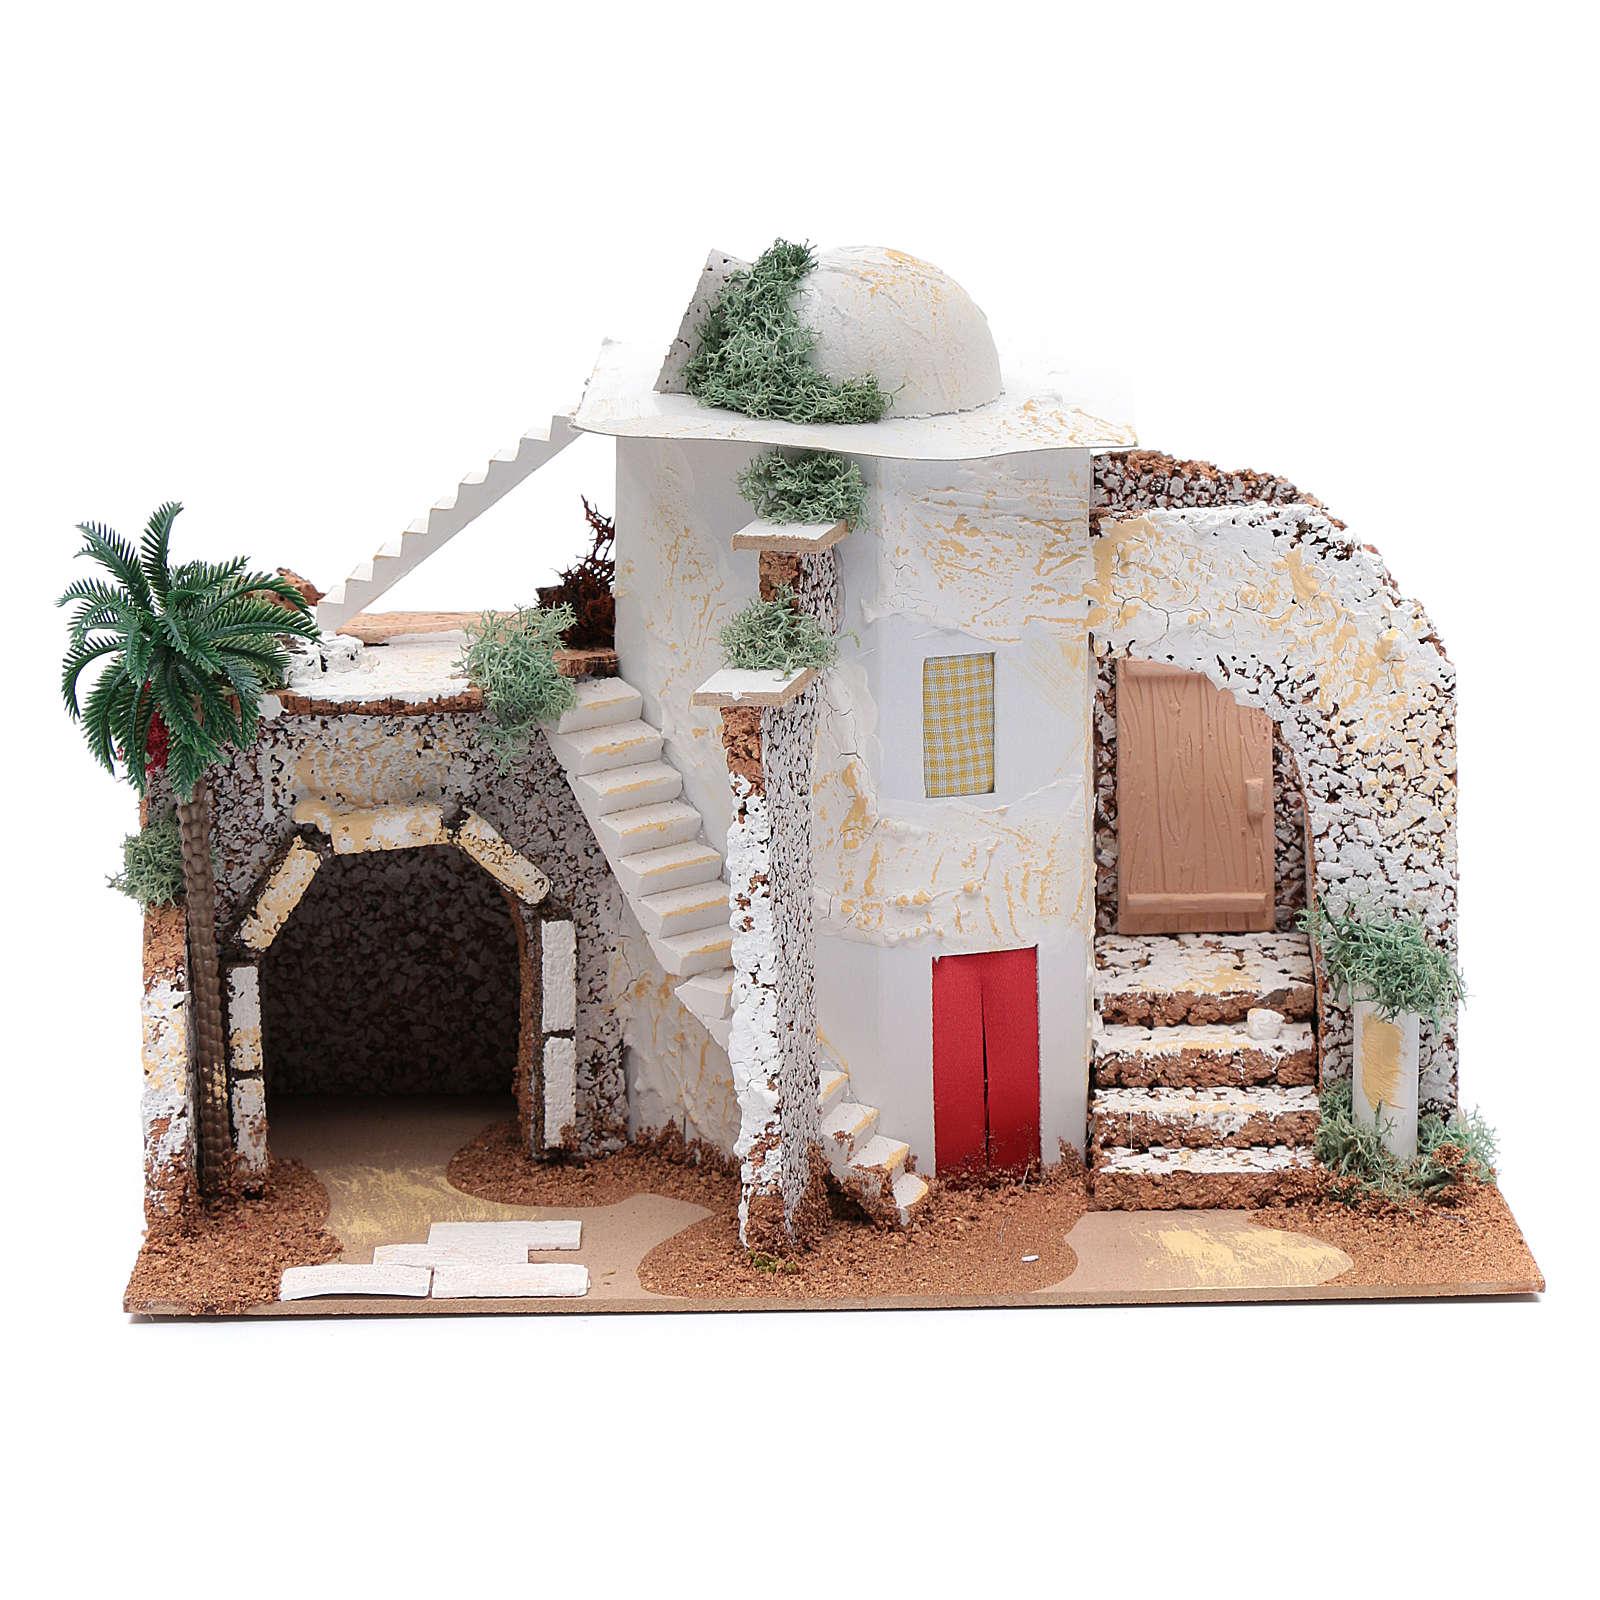 Maison arabe décor crèche 23,5x33x18 cm 4